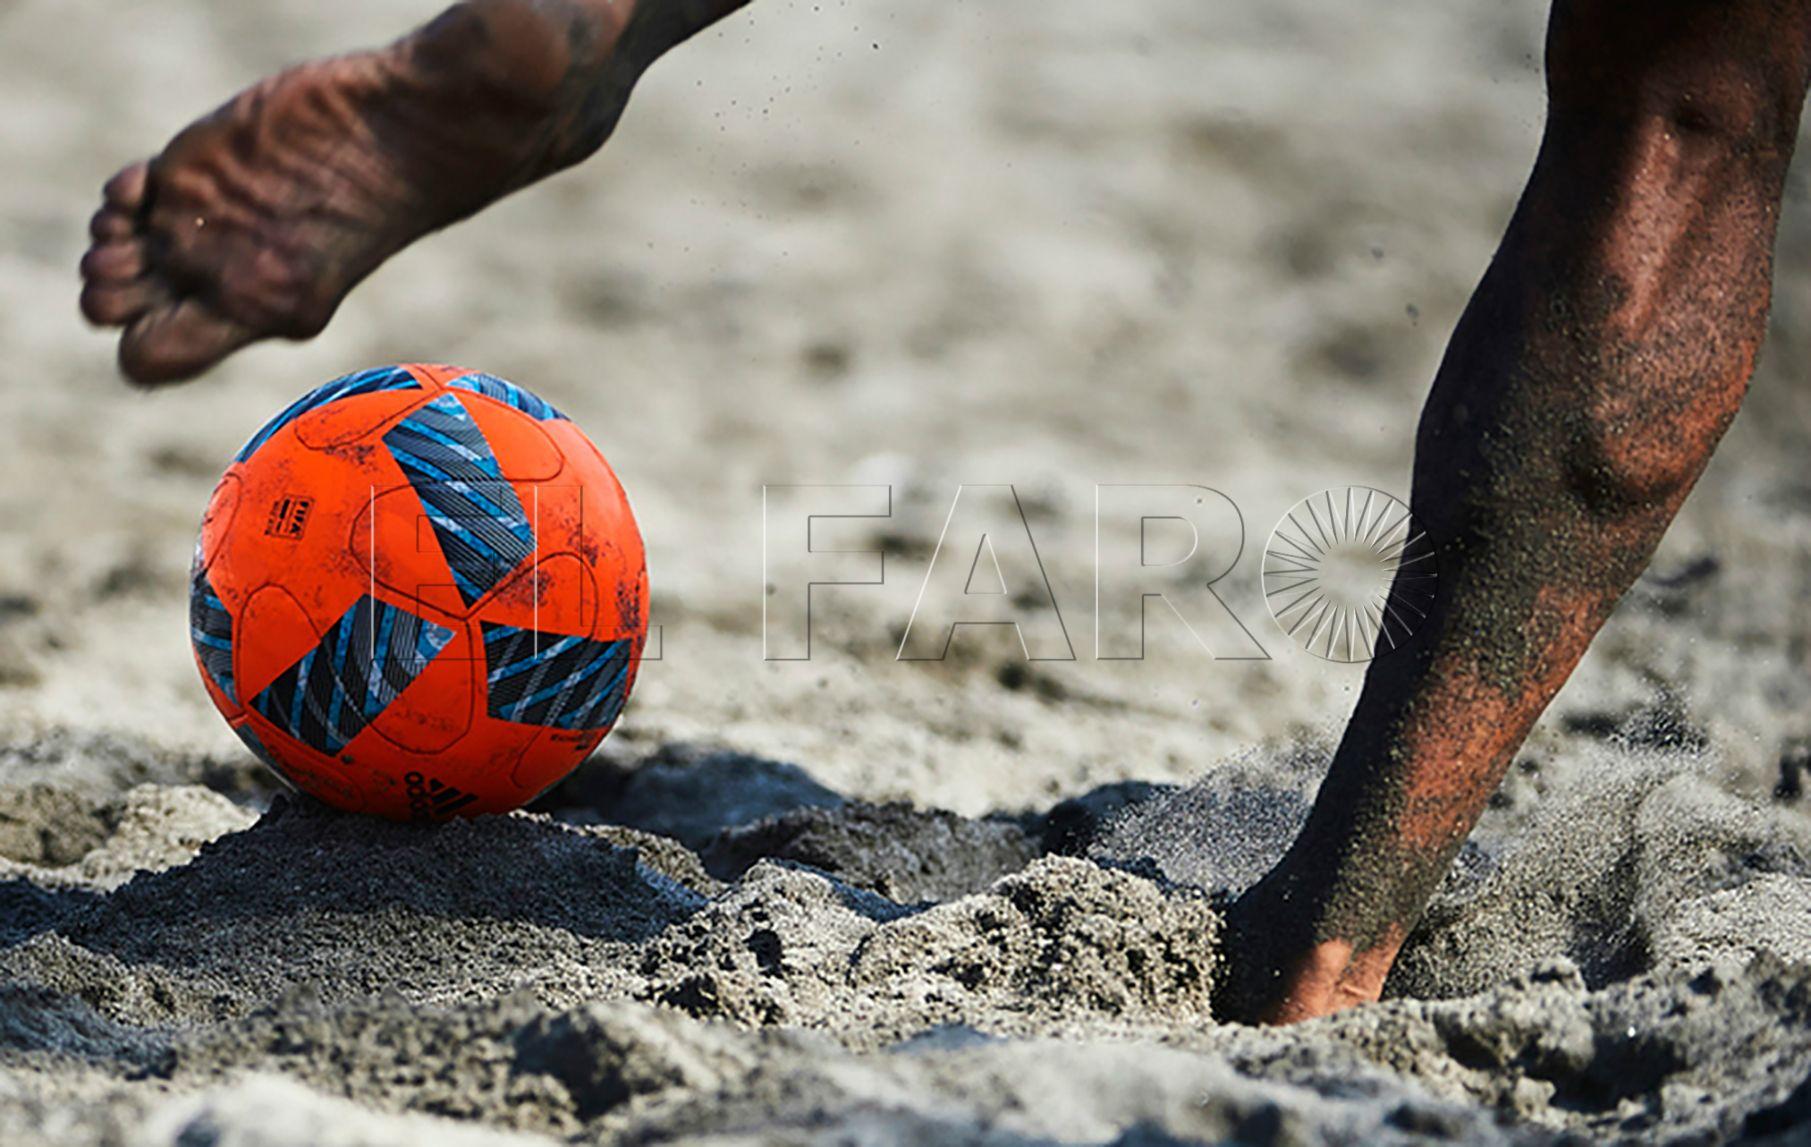 Ceuta estará en el Nacional de fútbol-playa